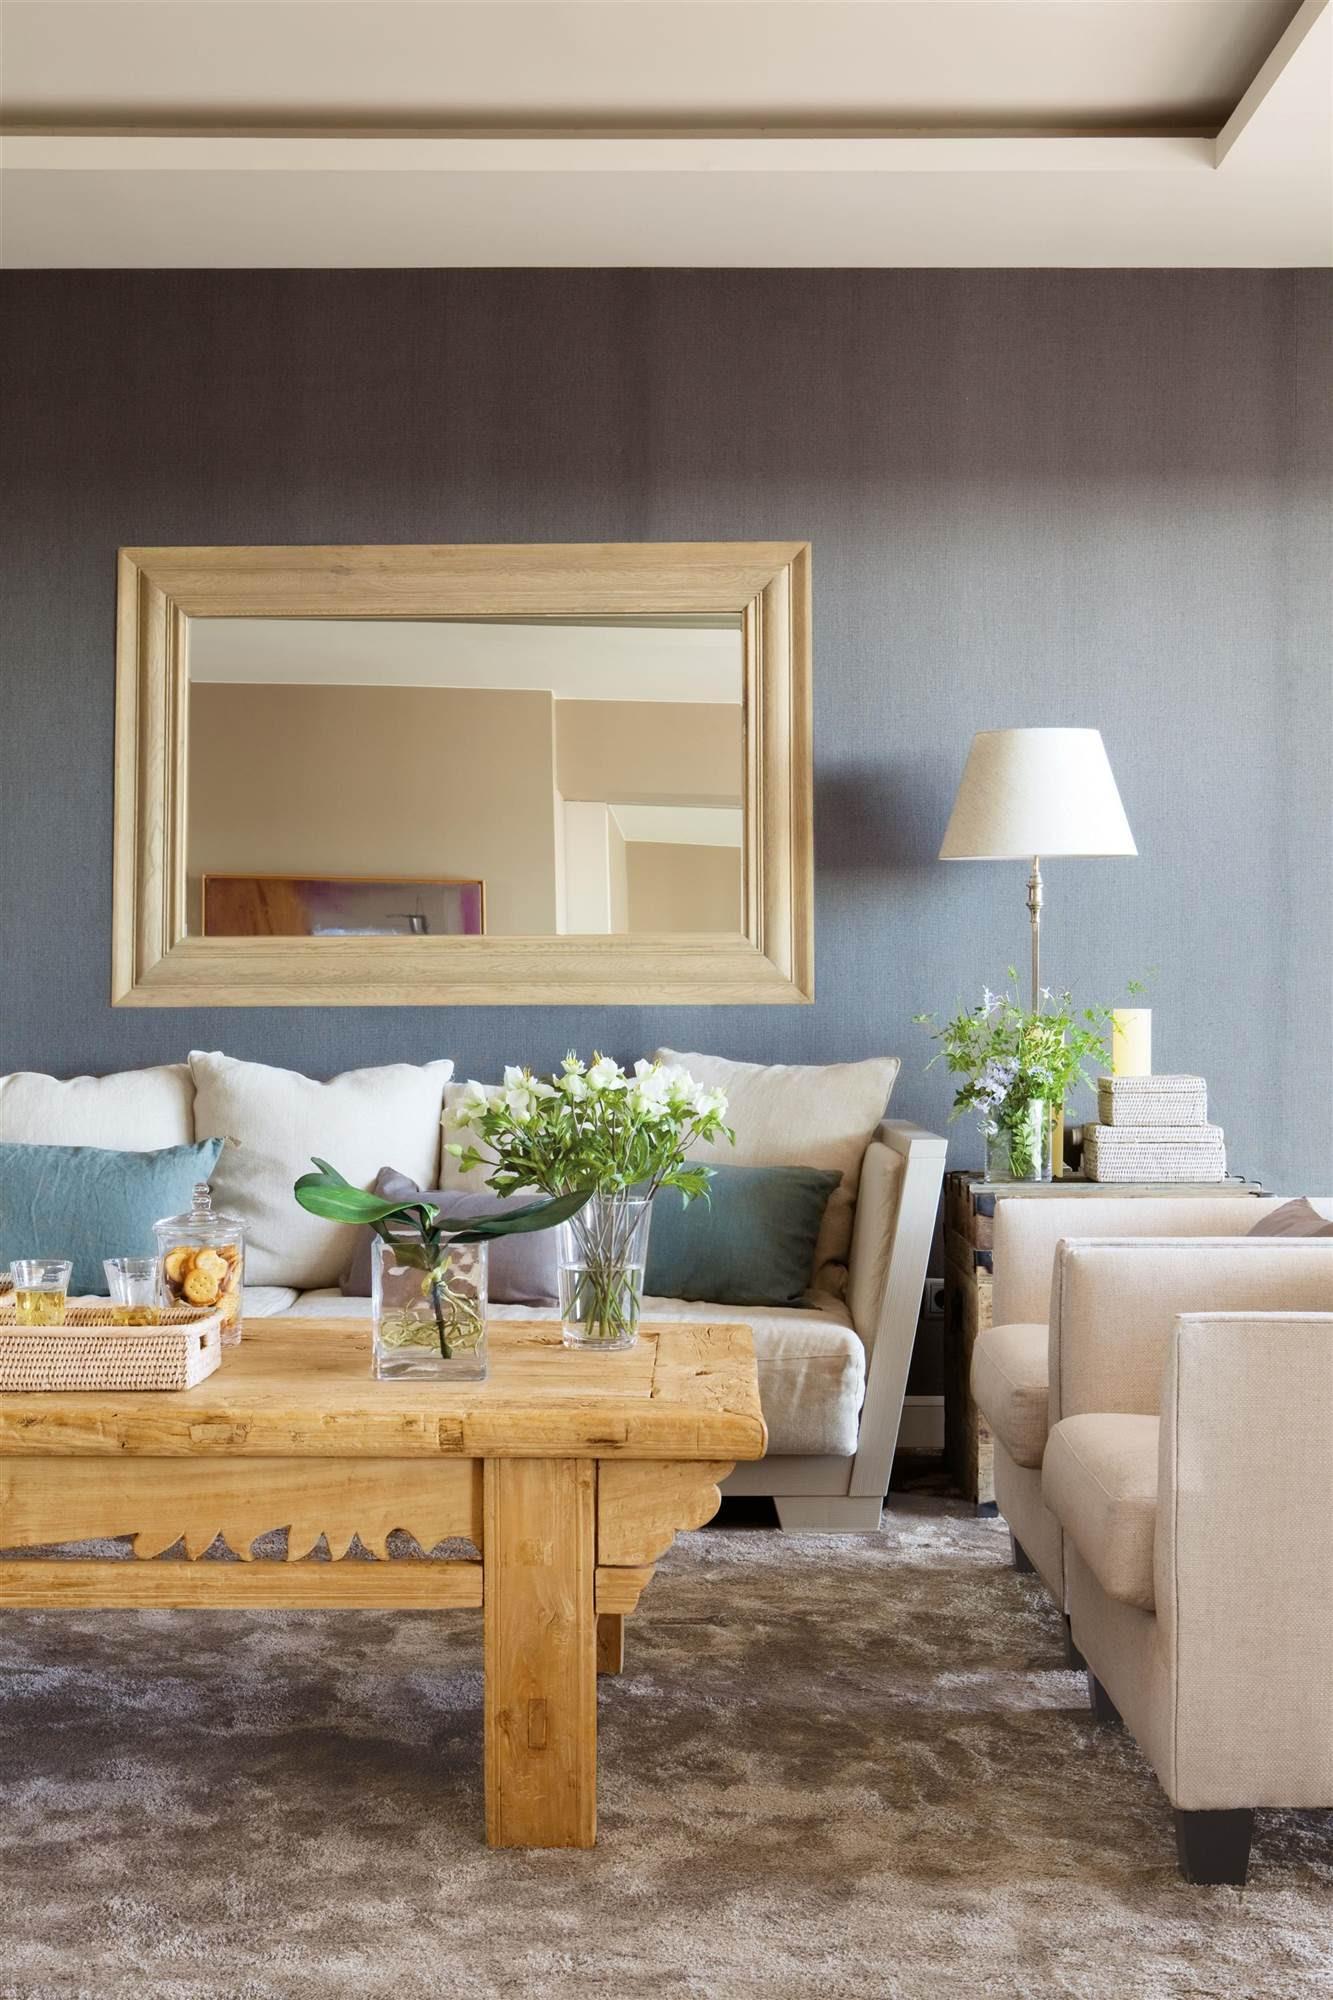 00323753. Salón con pared enterada con seda, con un espejo sobre el sofá tapizado con lino y mesa de centro de madera de olmo altiguo_ 00323753